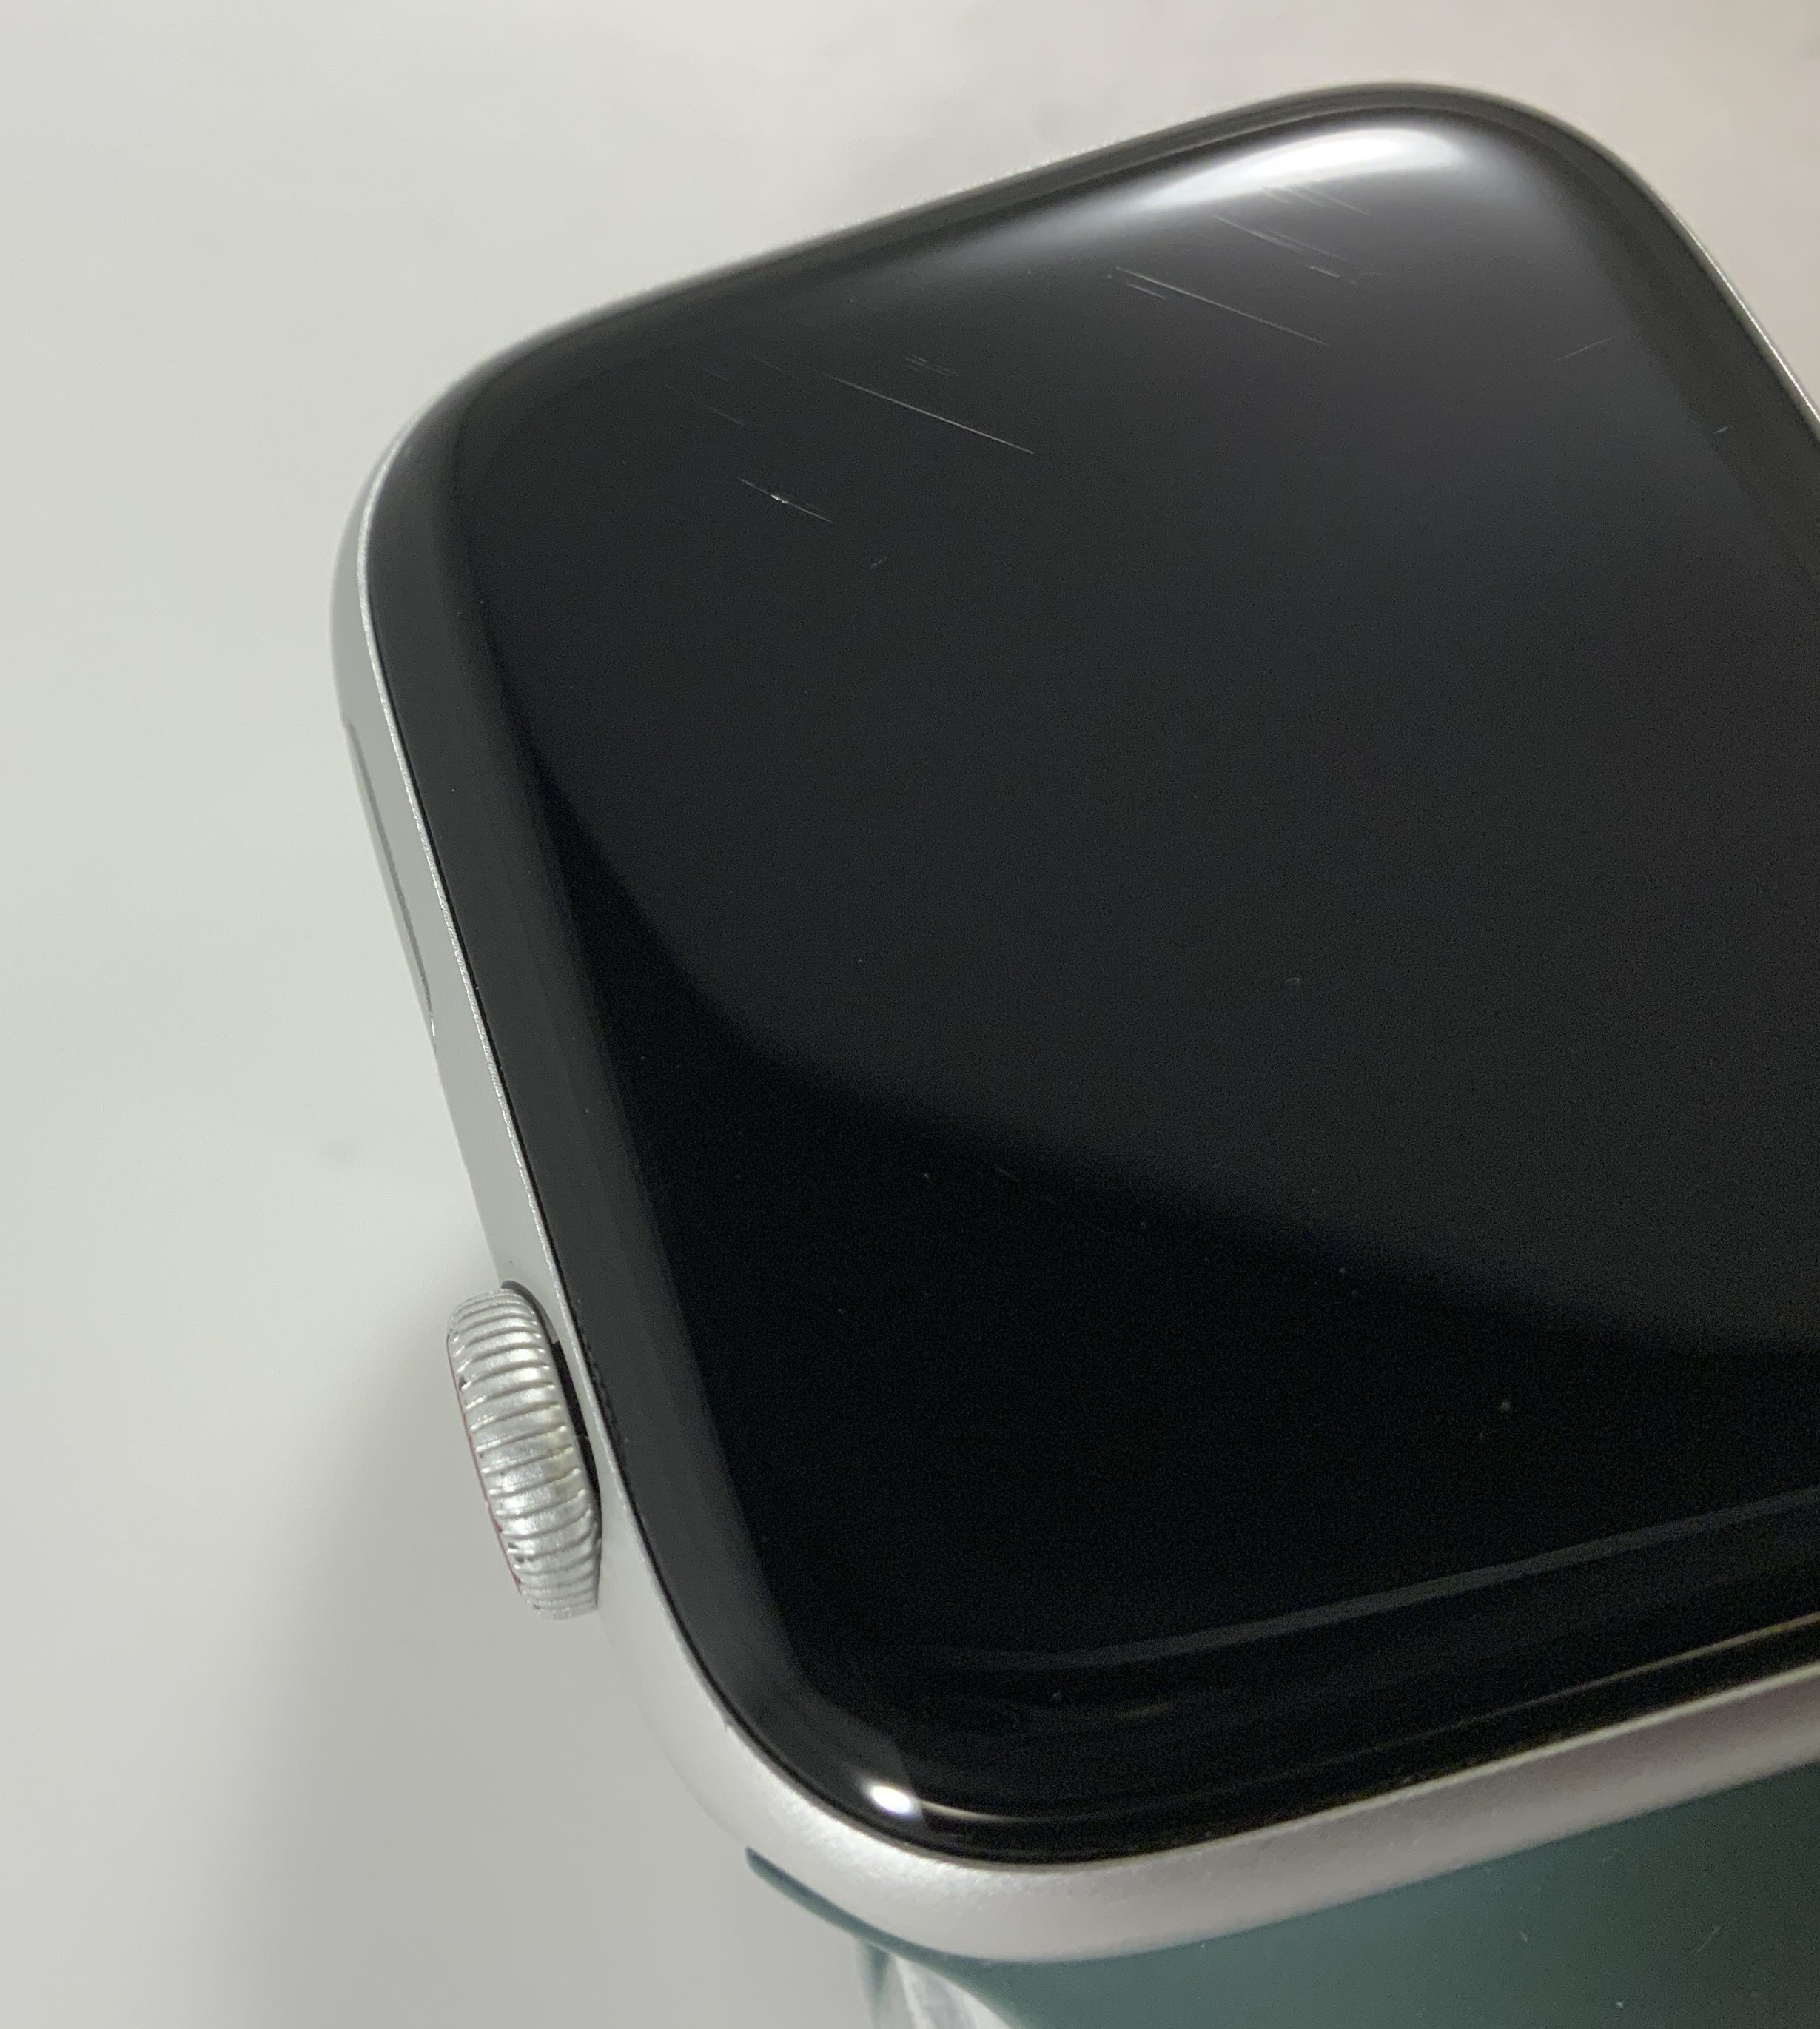 Watch Series 5 Aluminum Cellular (44mm), Silver, imagen 4